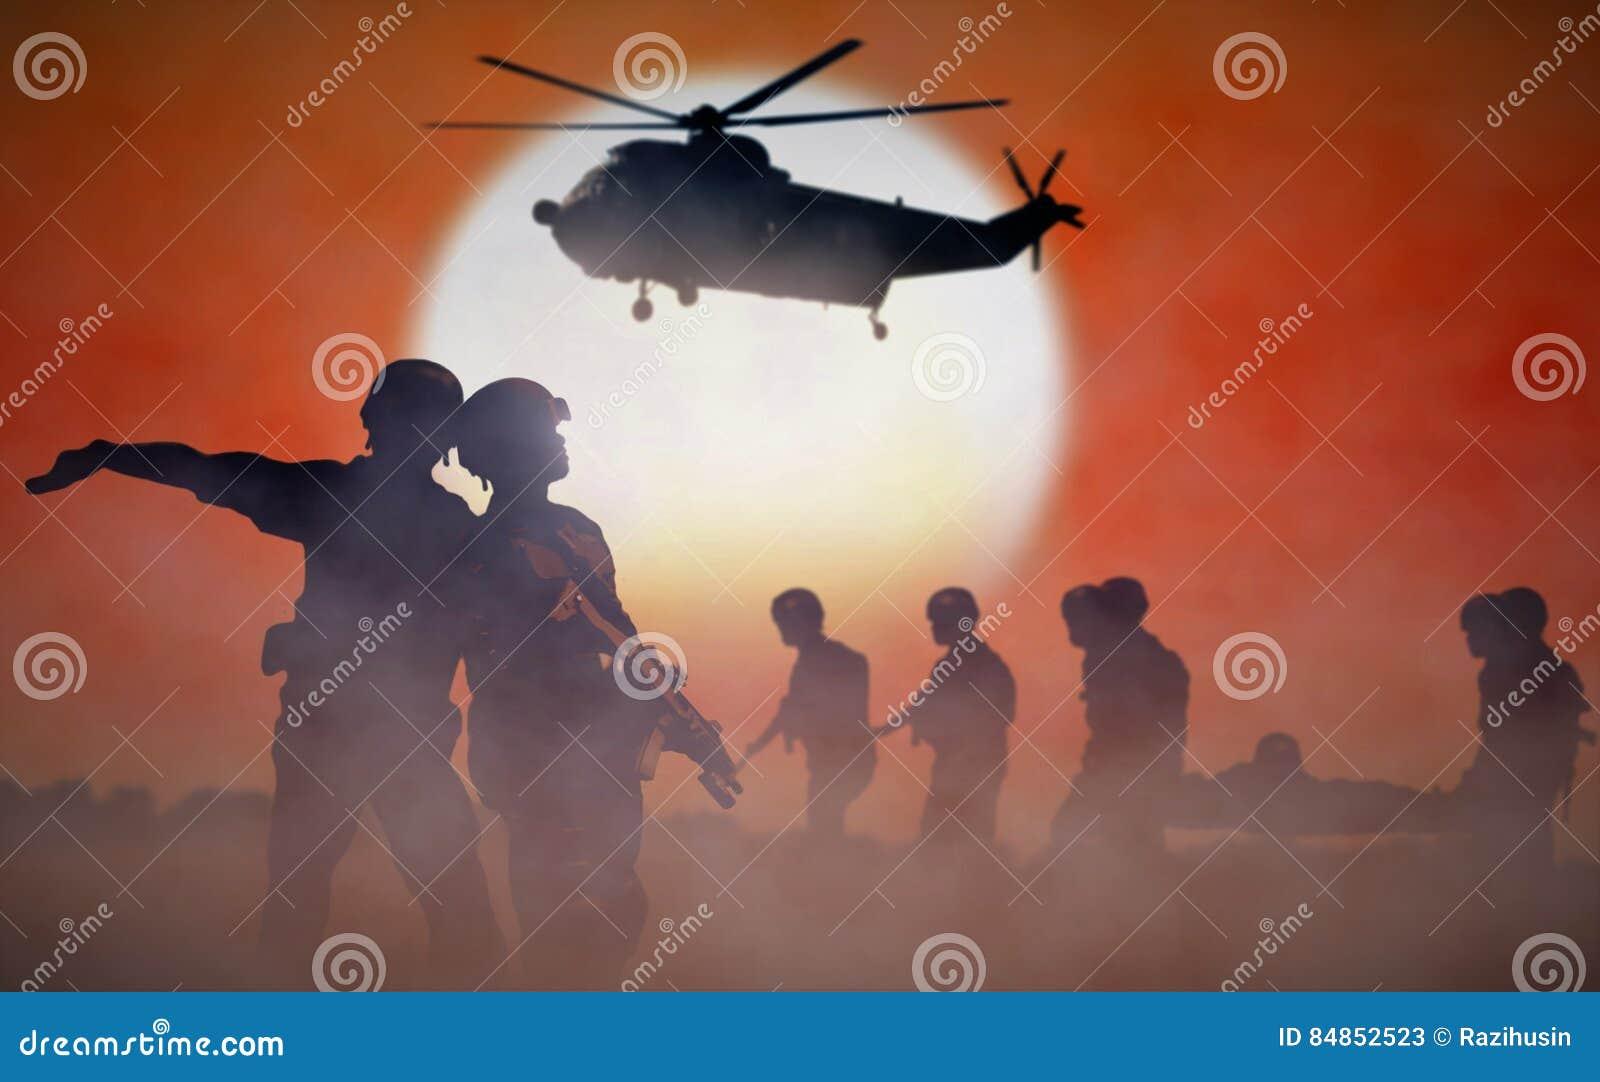 Misión de rescate militar del helicóptero durante puesta del sol